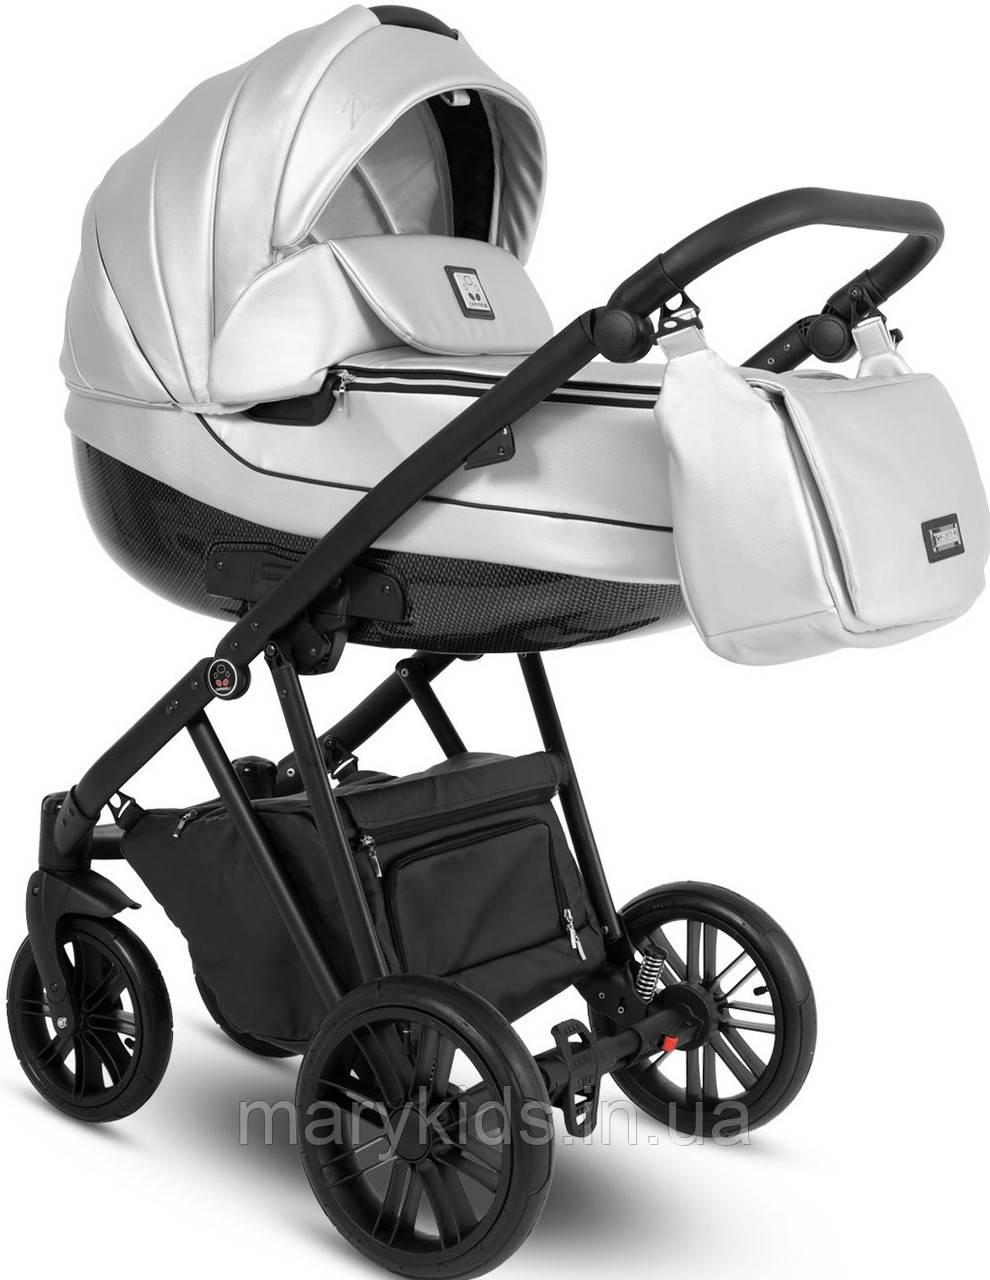 Детская универсальная коляска 2 в 1 Camarelo Zeo Eco - 07